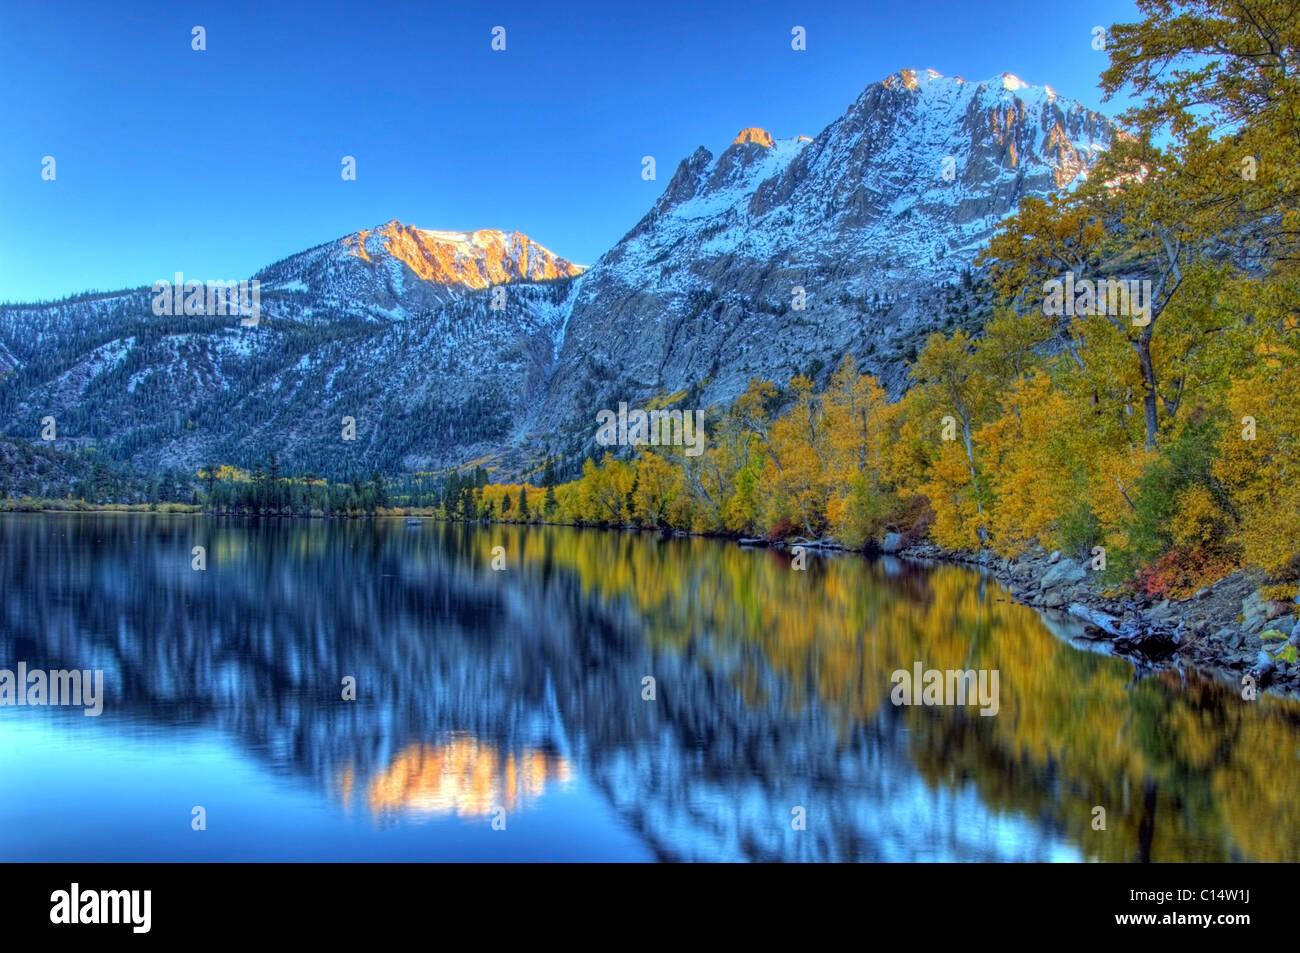 Couleurs d'automne et pics enneigés line Silver Lake dans l'Est de la Sierra, en Californie. Photo Stock